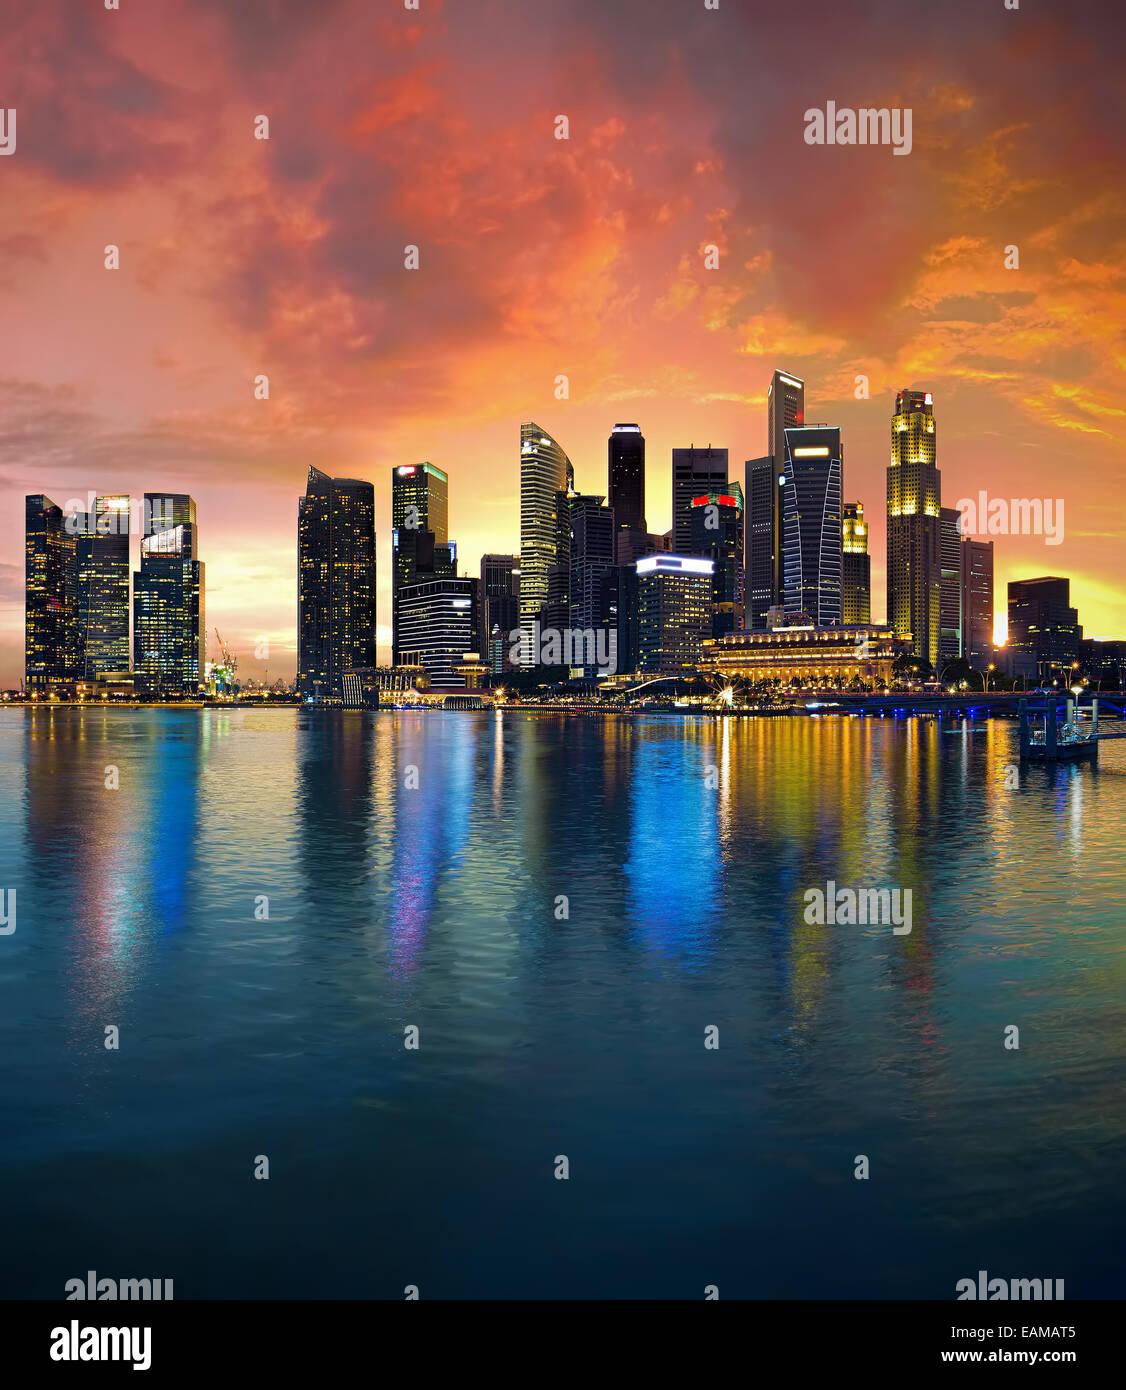 Singapore Skyline at sunset - Stock Image